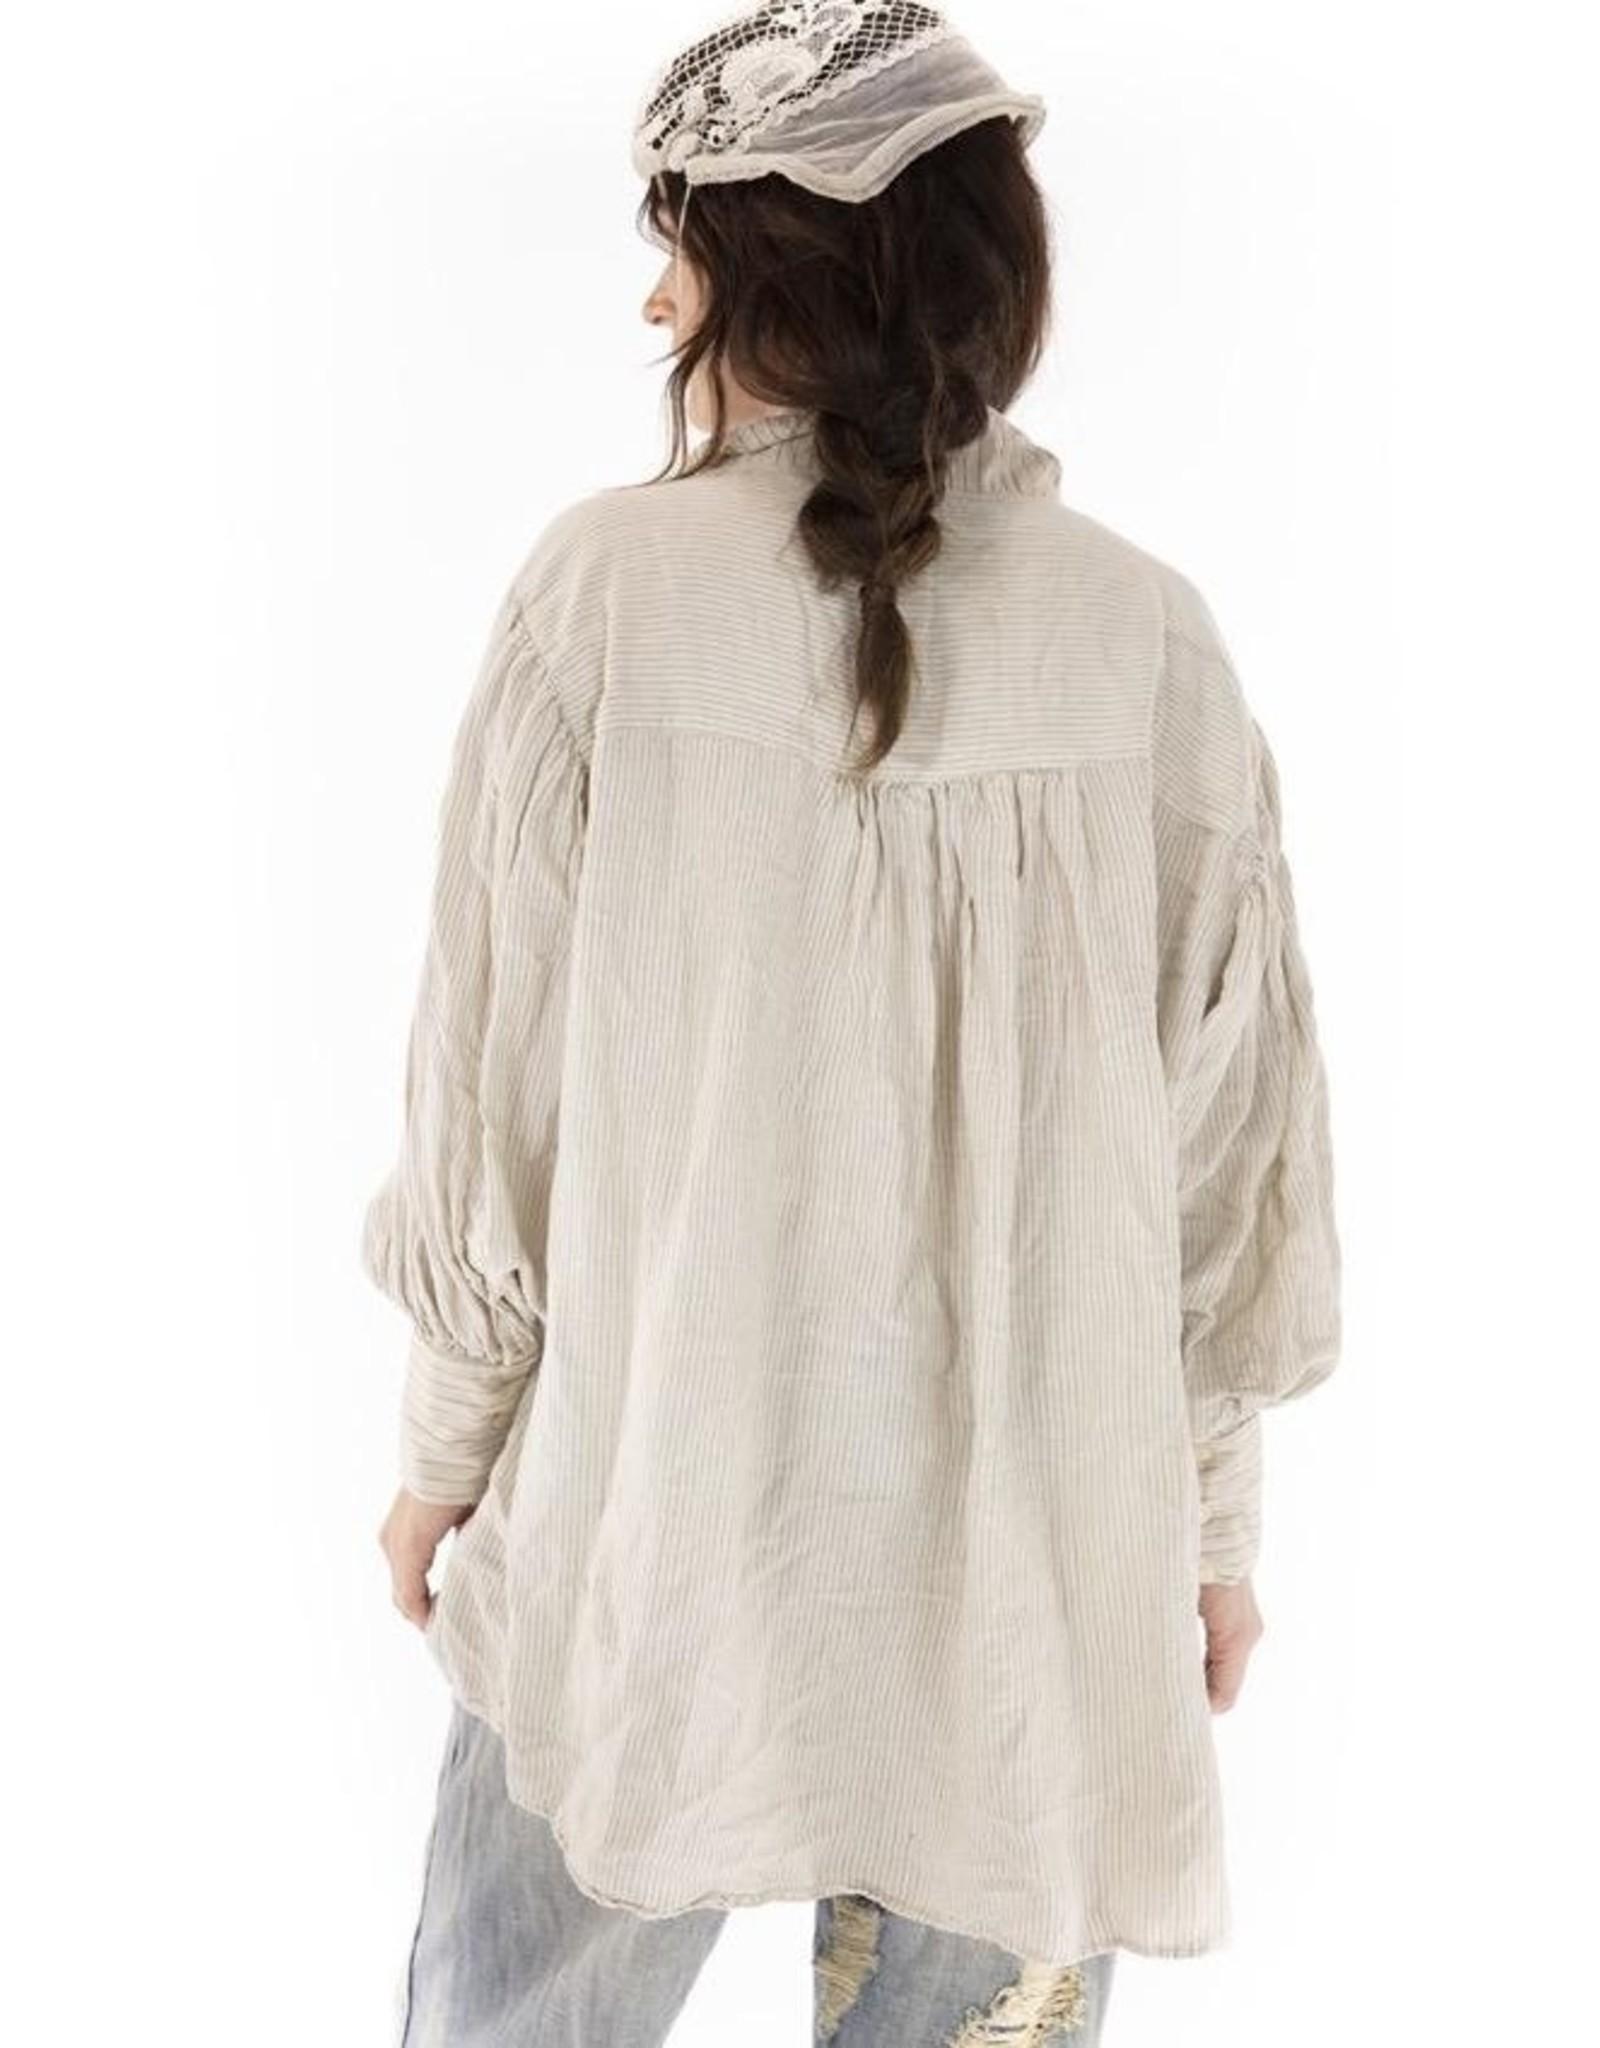 Magnolia Pearl Tora Shirt - Herbert